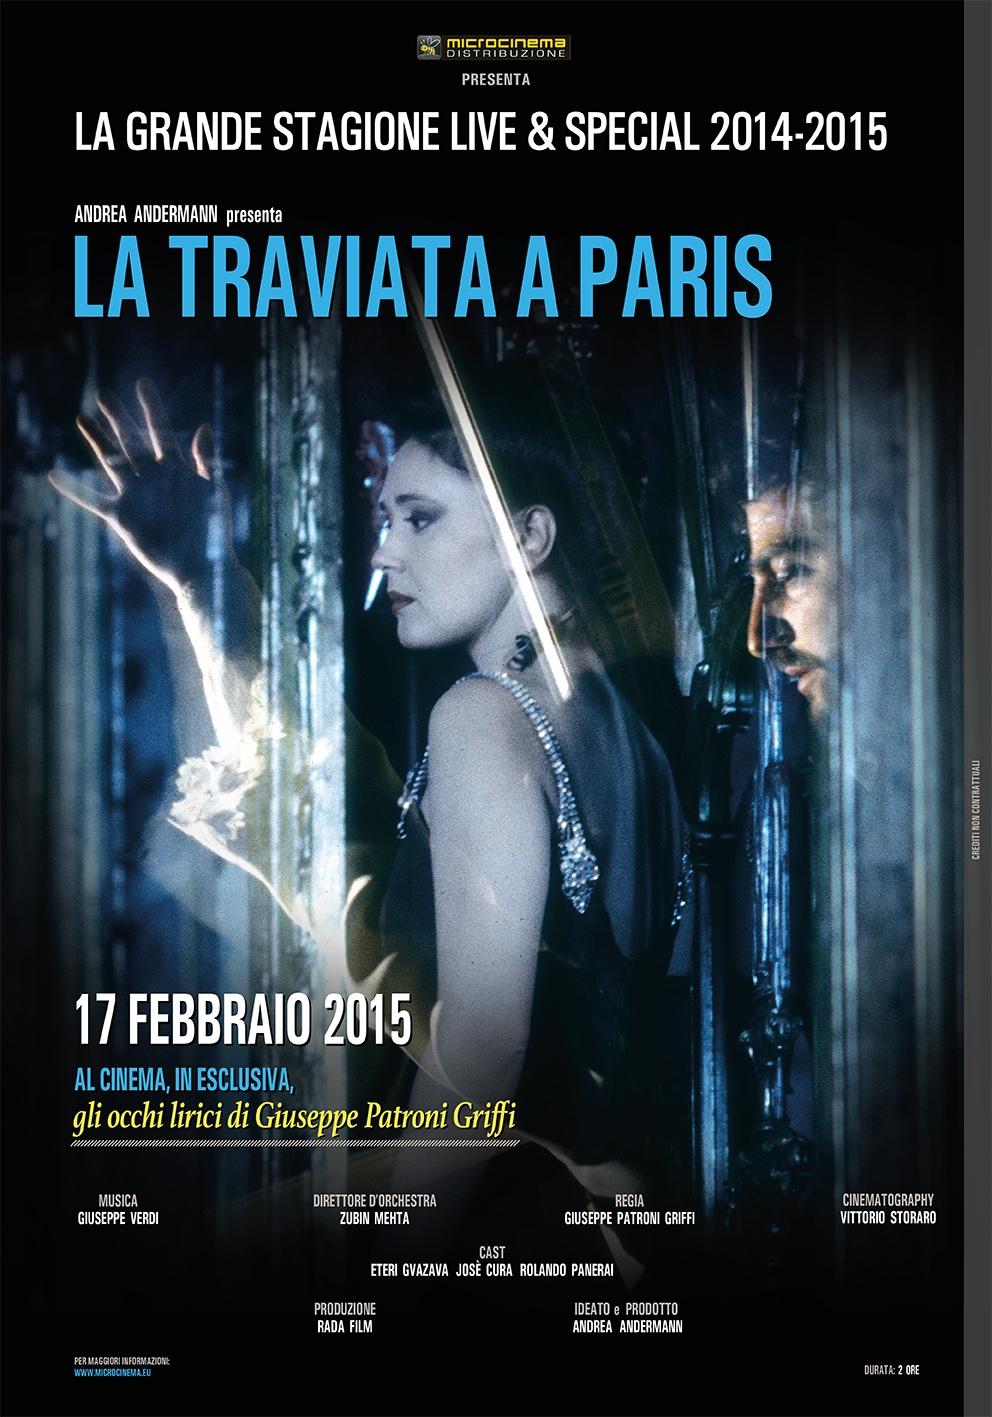 La Traviata à Paris, solo per un giorno al cinema